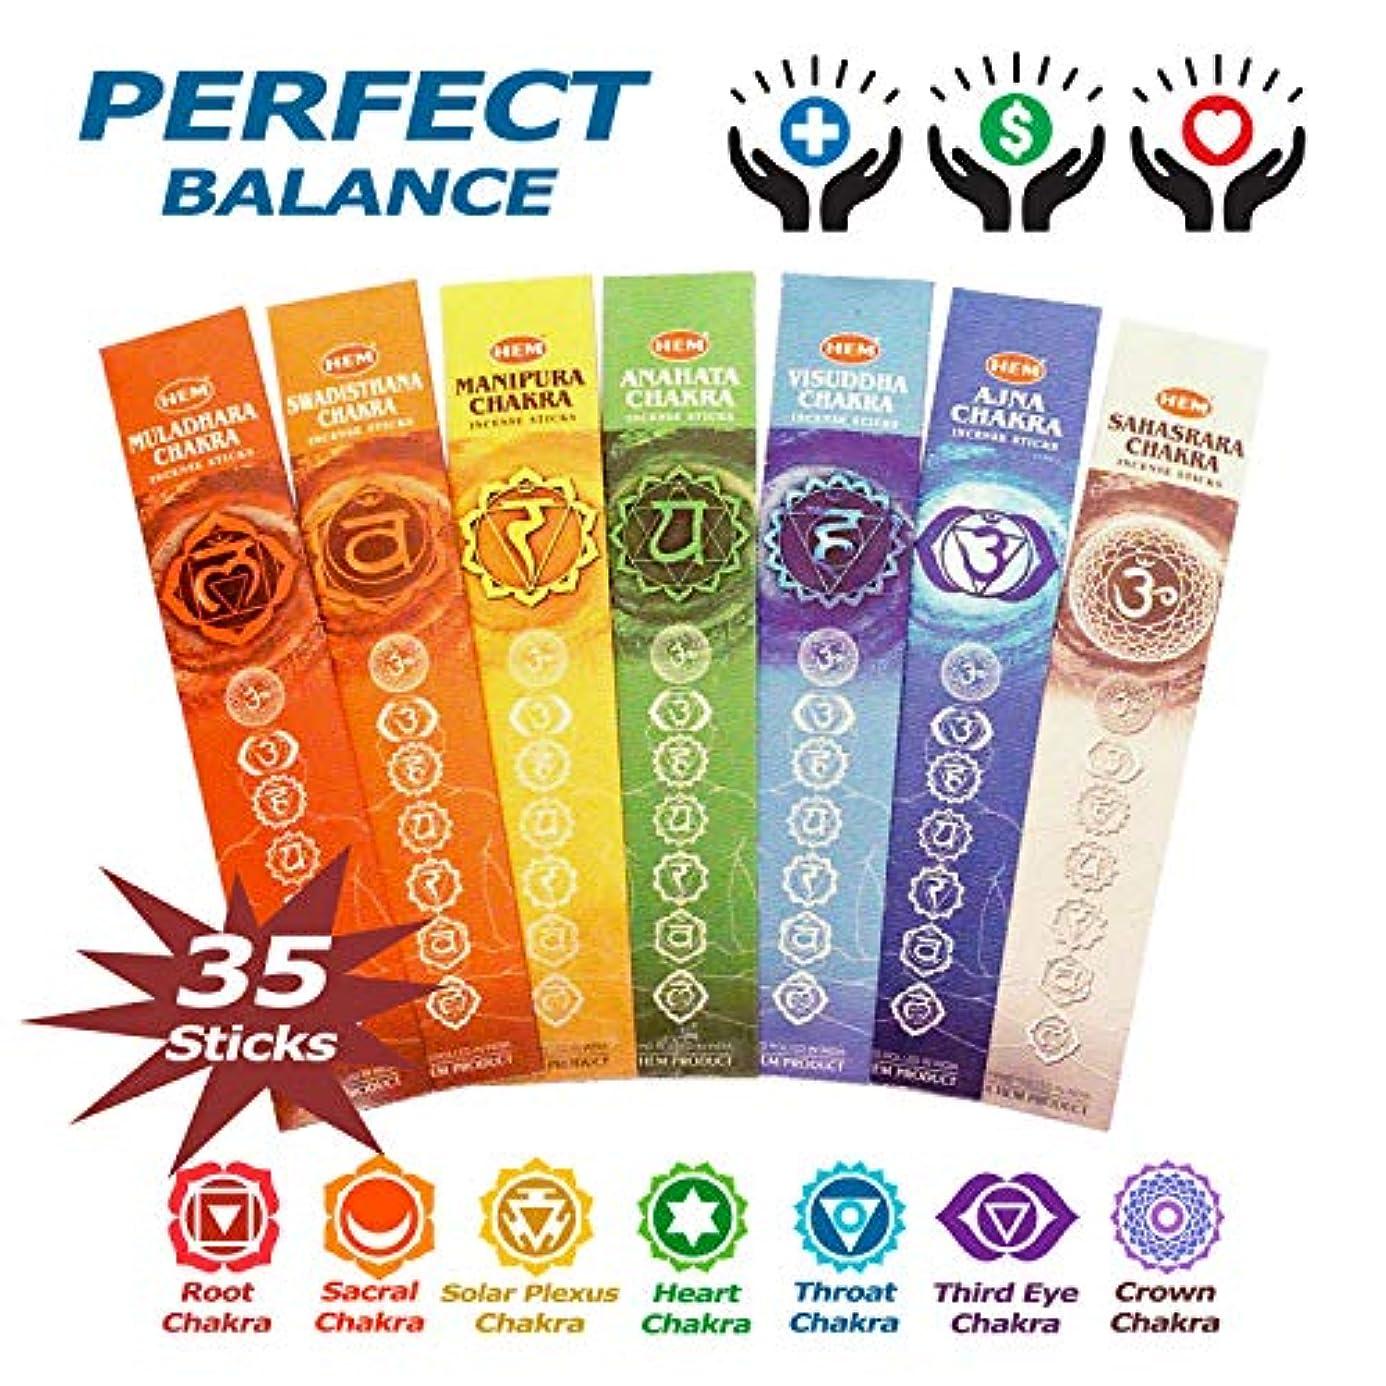 品揃え座標複合お香 7チャクラ 天然瞑想 プレミアムお香スティック ルートから王冠まで 35本セット ギフトパック ヒーリング ヨガ 瞑想 アロマセラピーに最適な7つのチャクラのお香